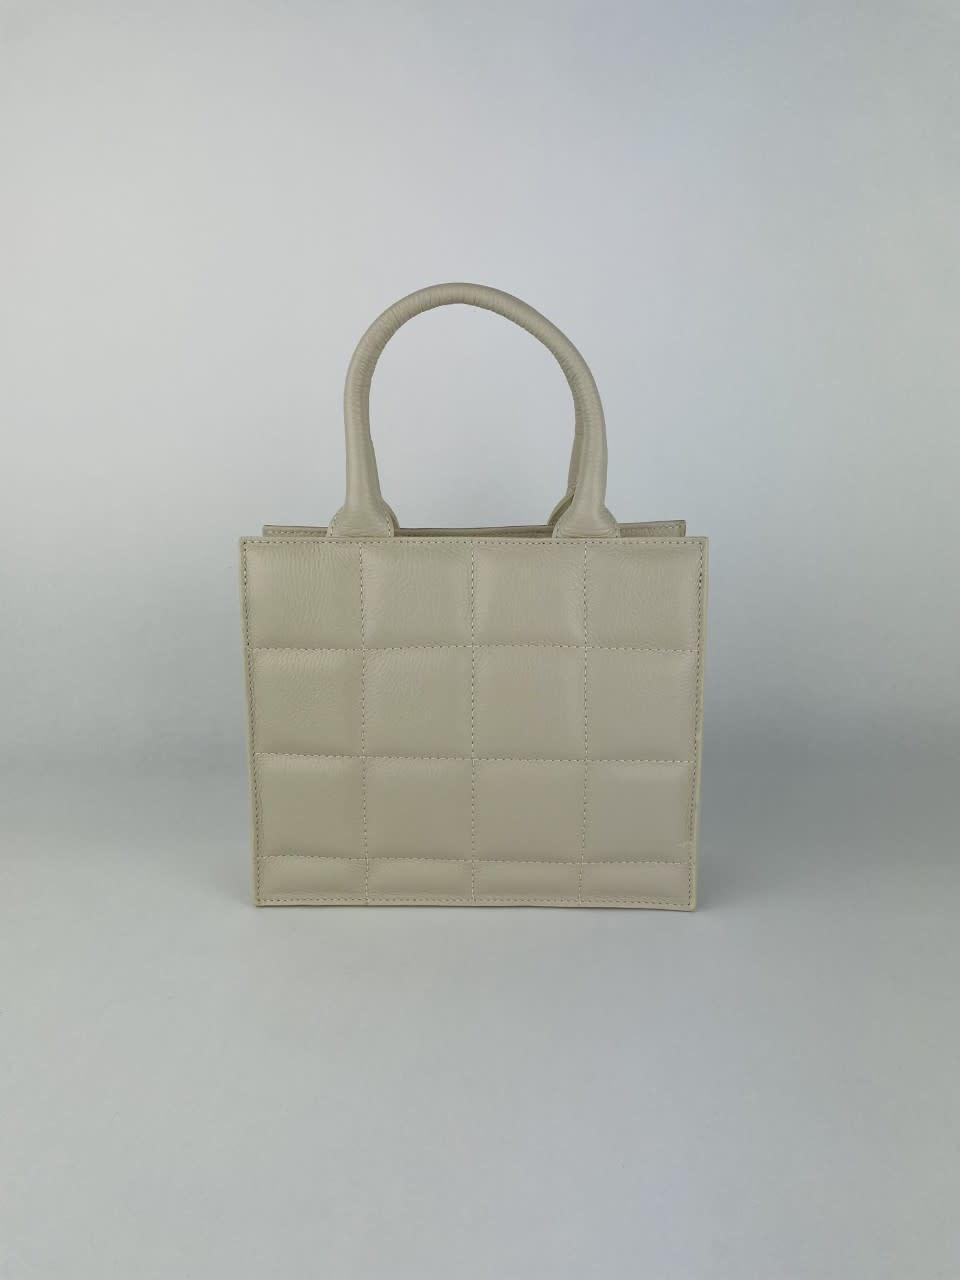 Metora leather bag Broken White-1